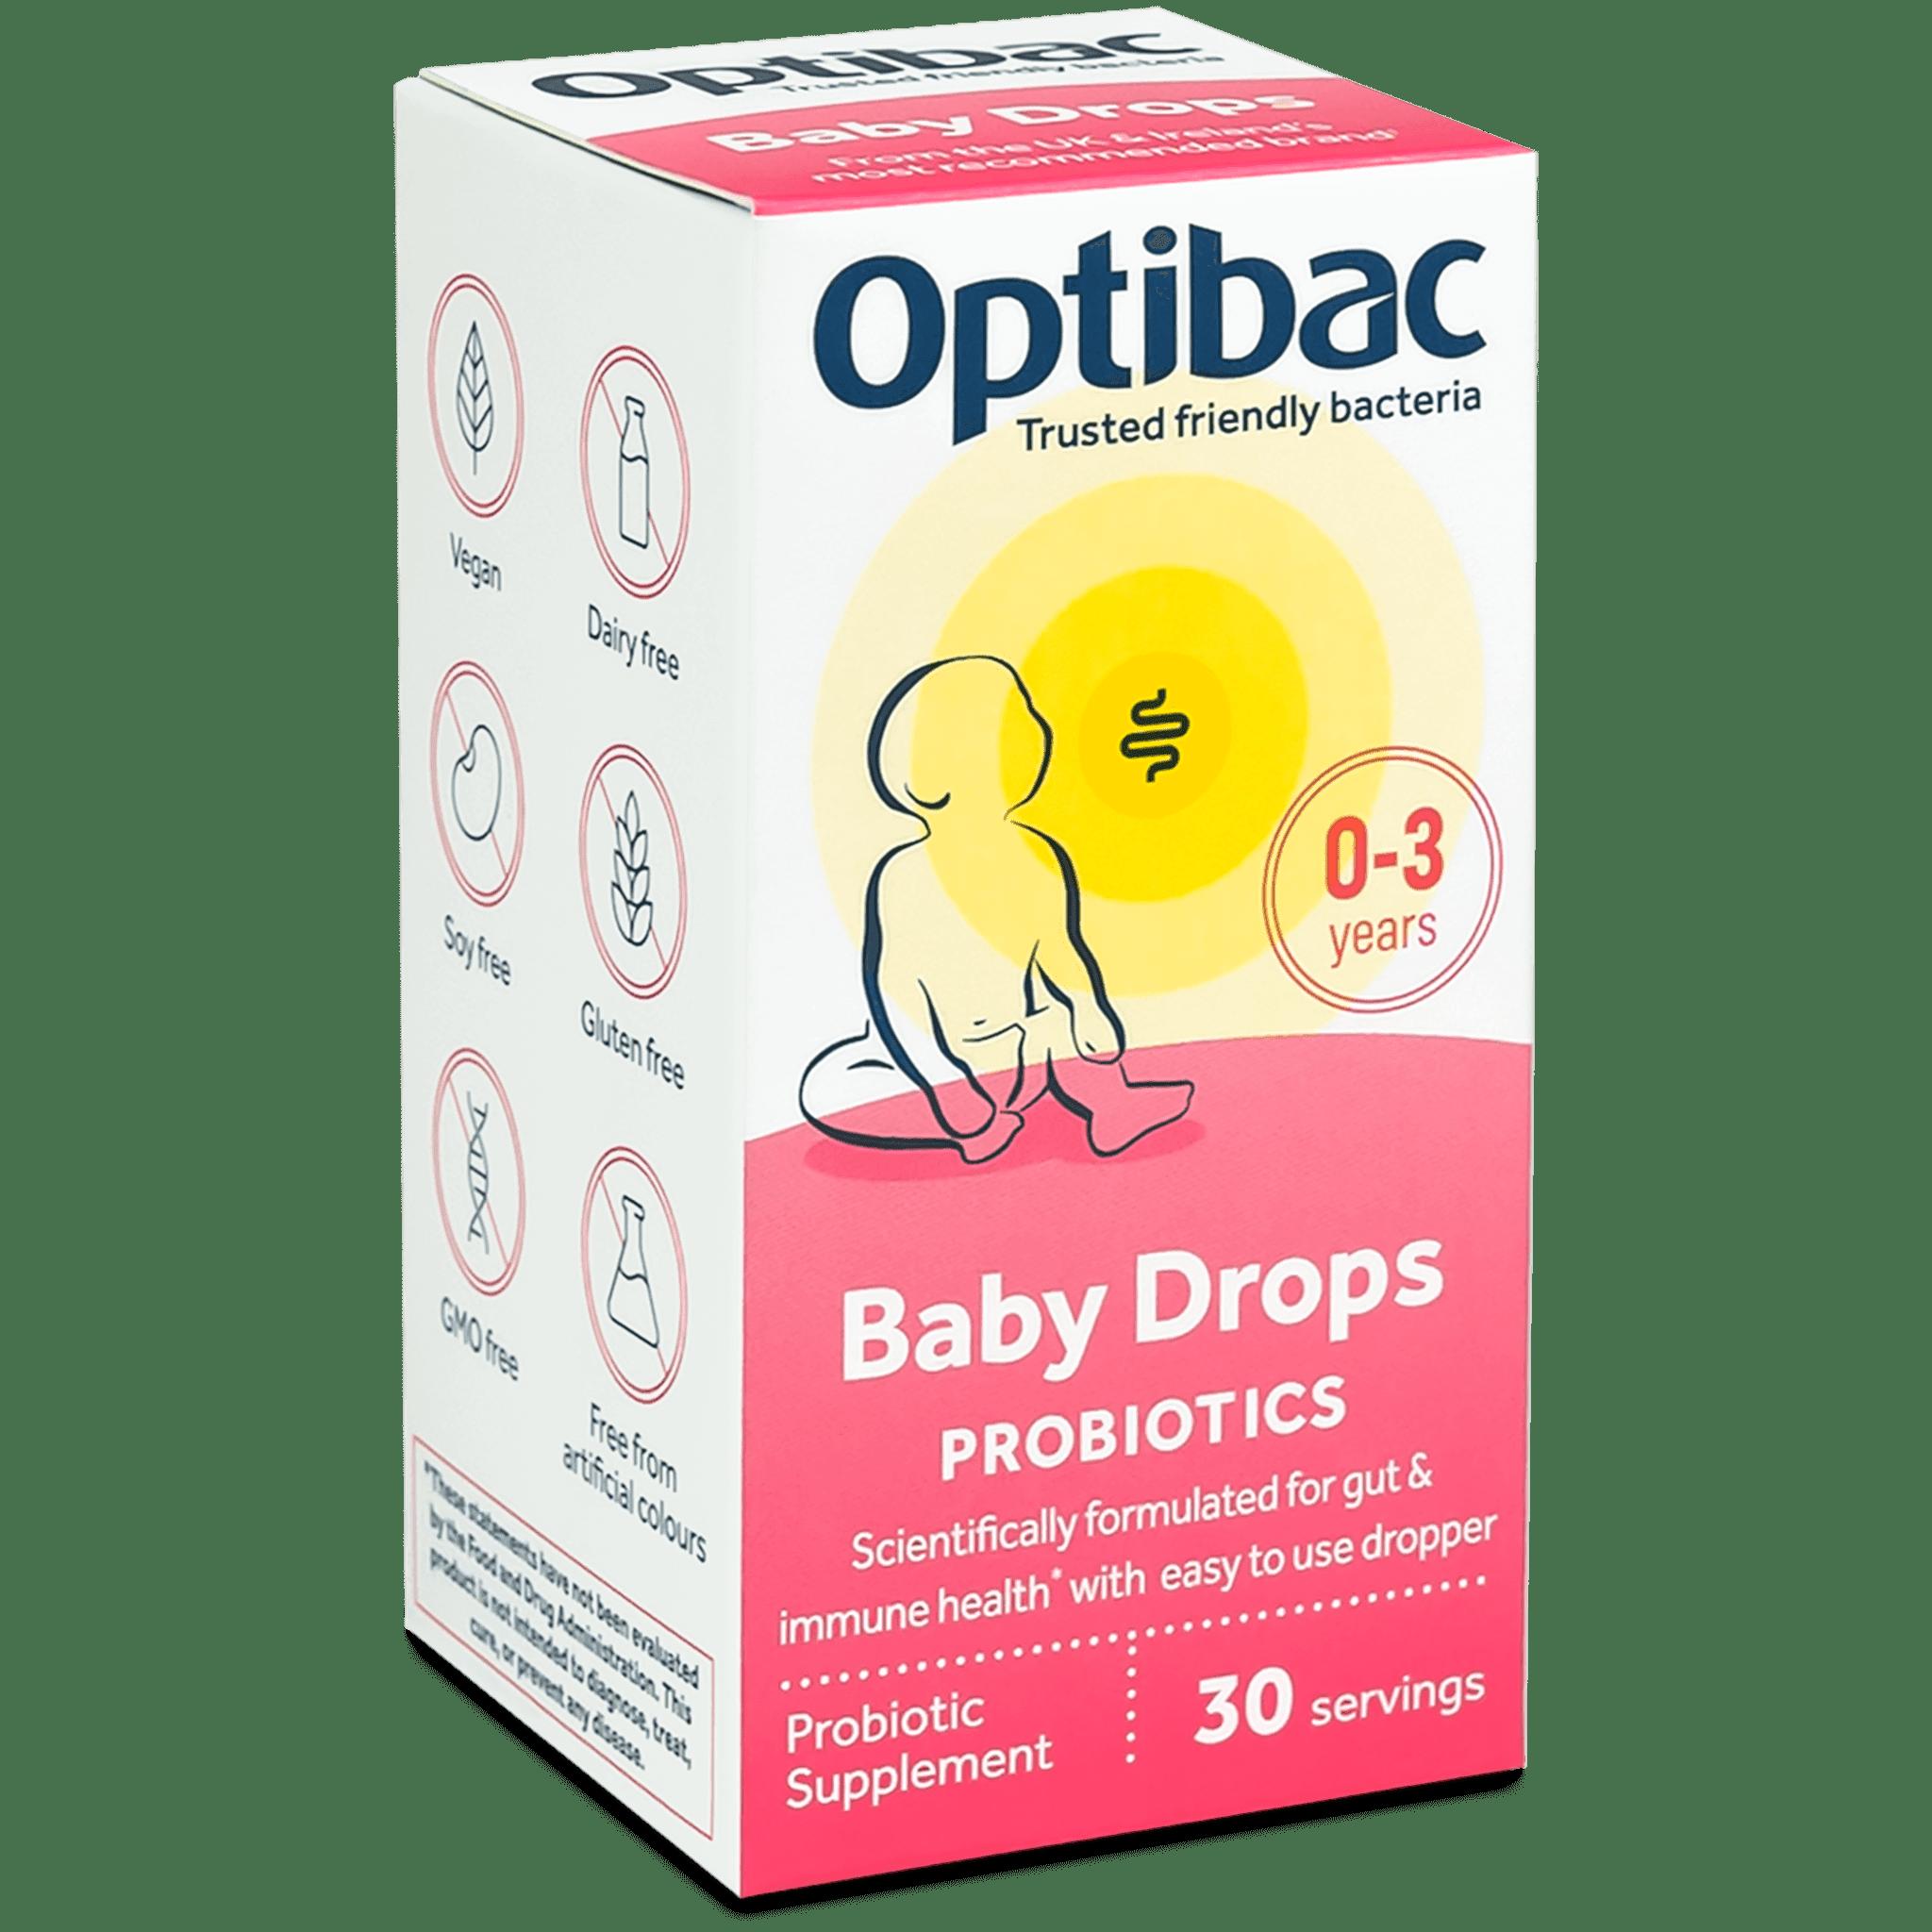 Baby Drops